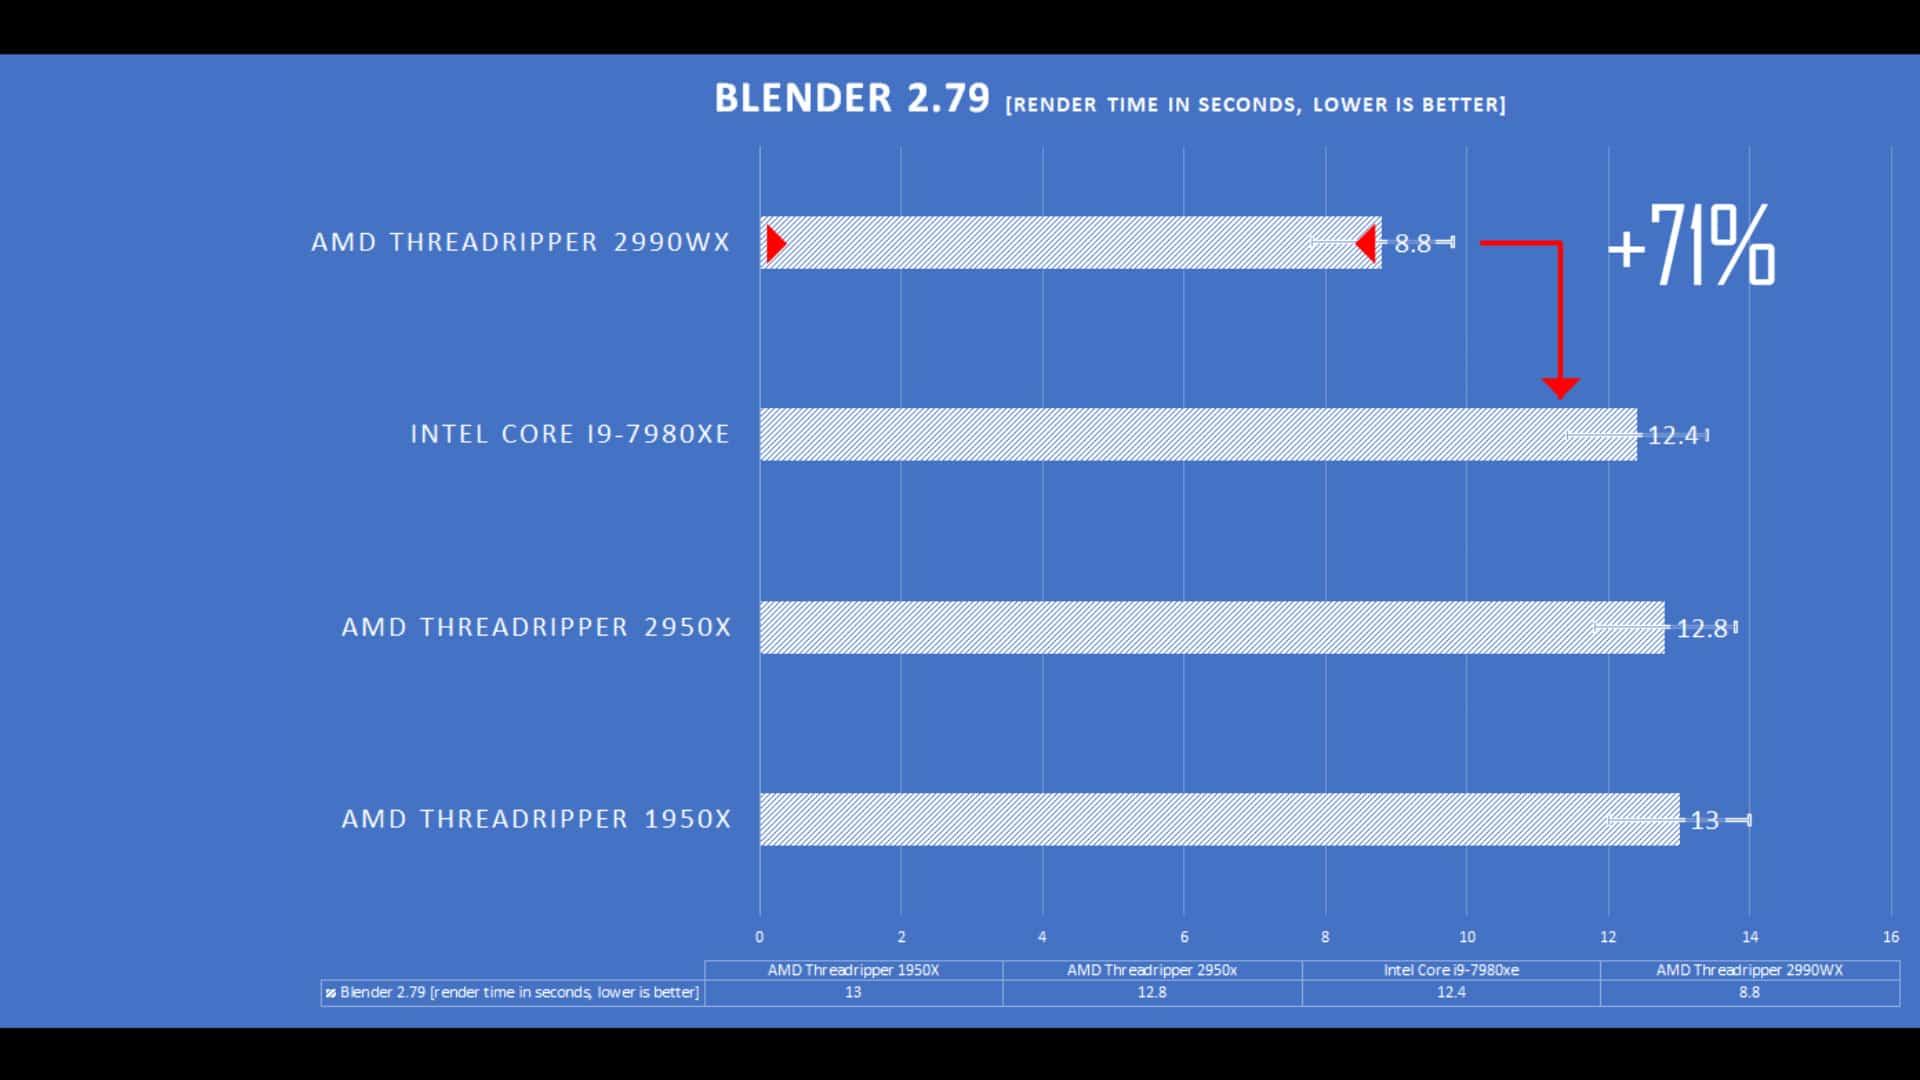 Blender 2.79B